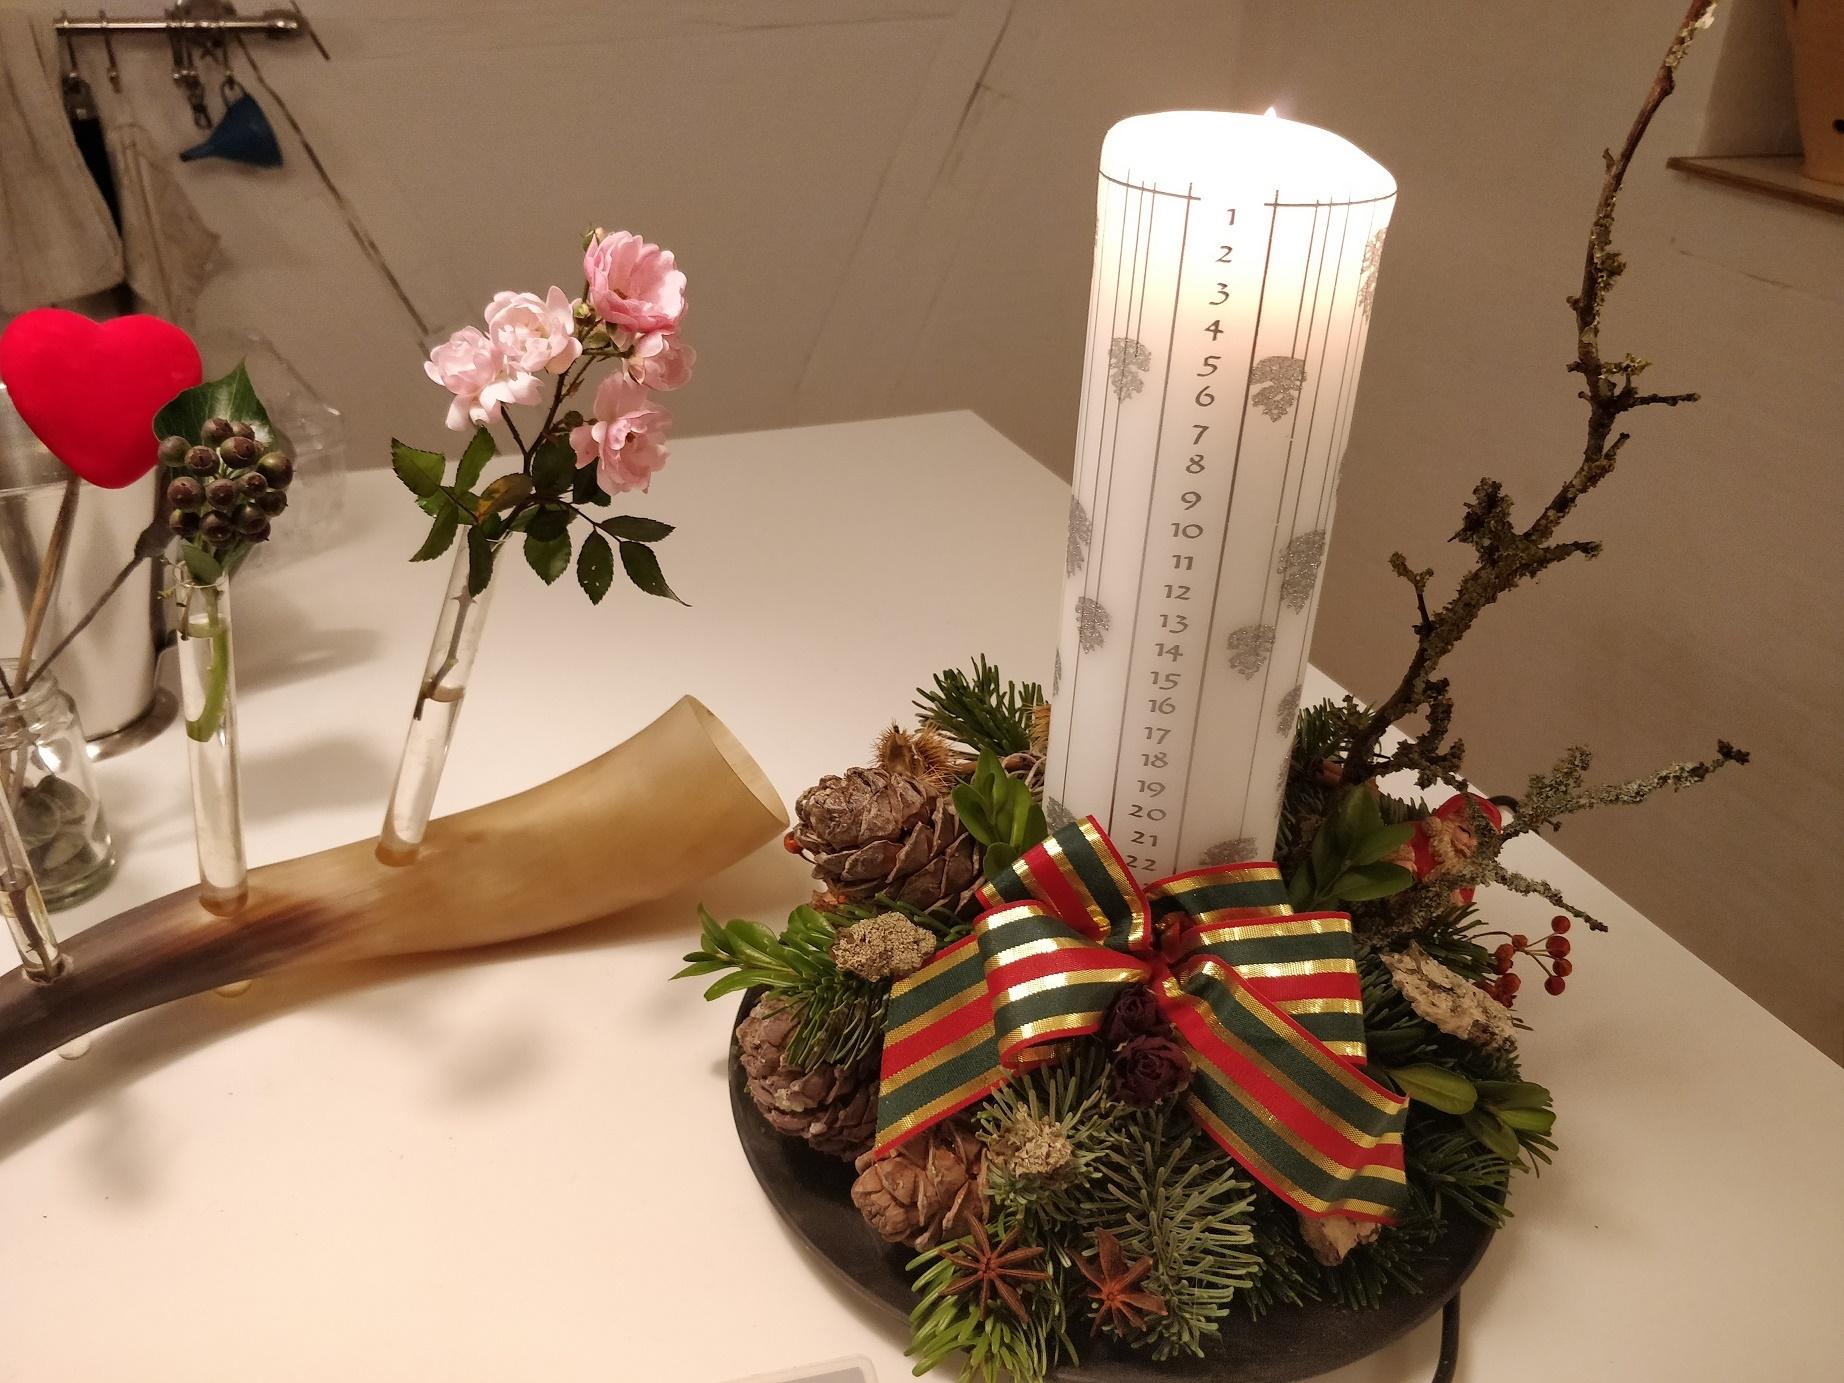 Juledekorationer med levende lys spreder hygge i julen, med hvilke lys er mest miljøvenlige? - Bæredygtig jul